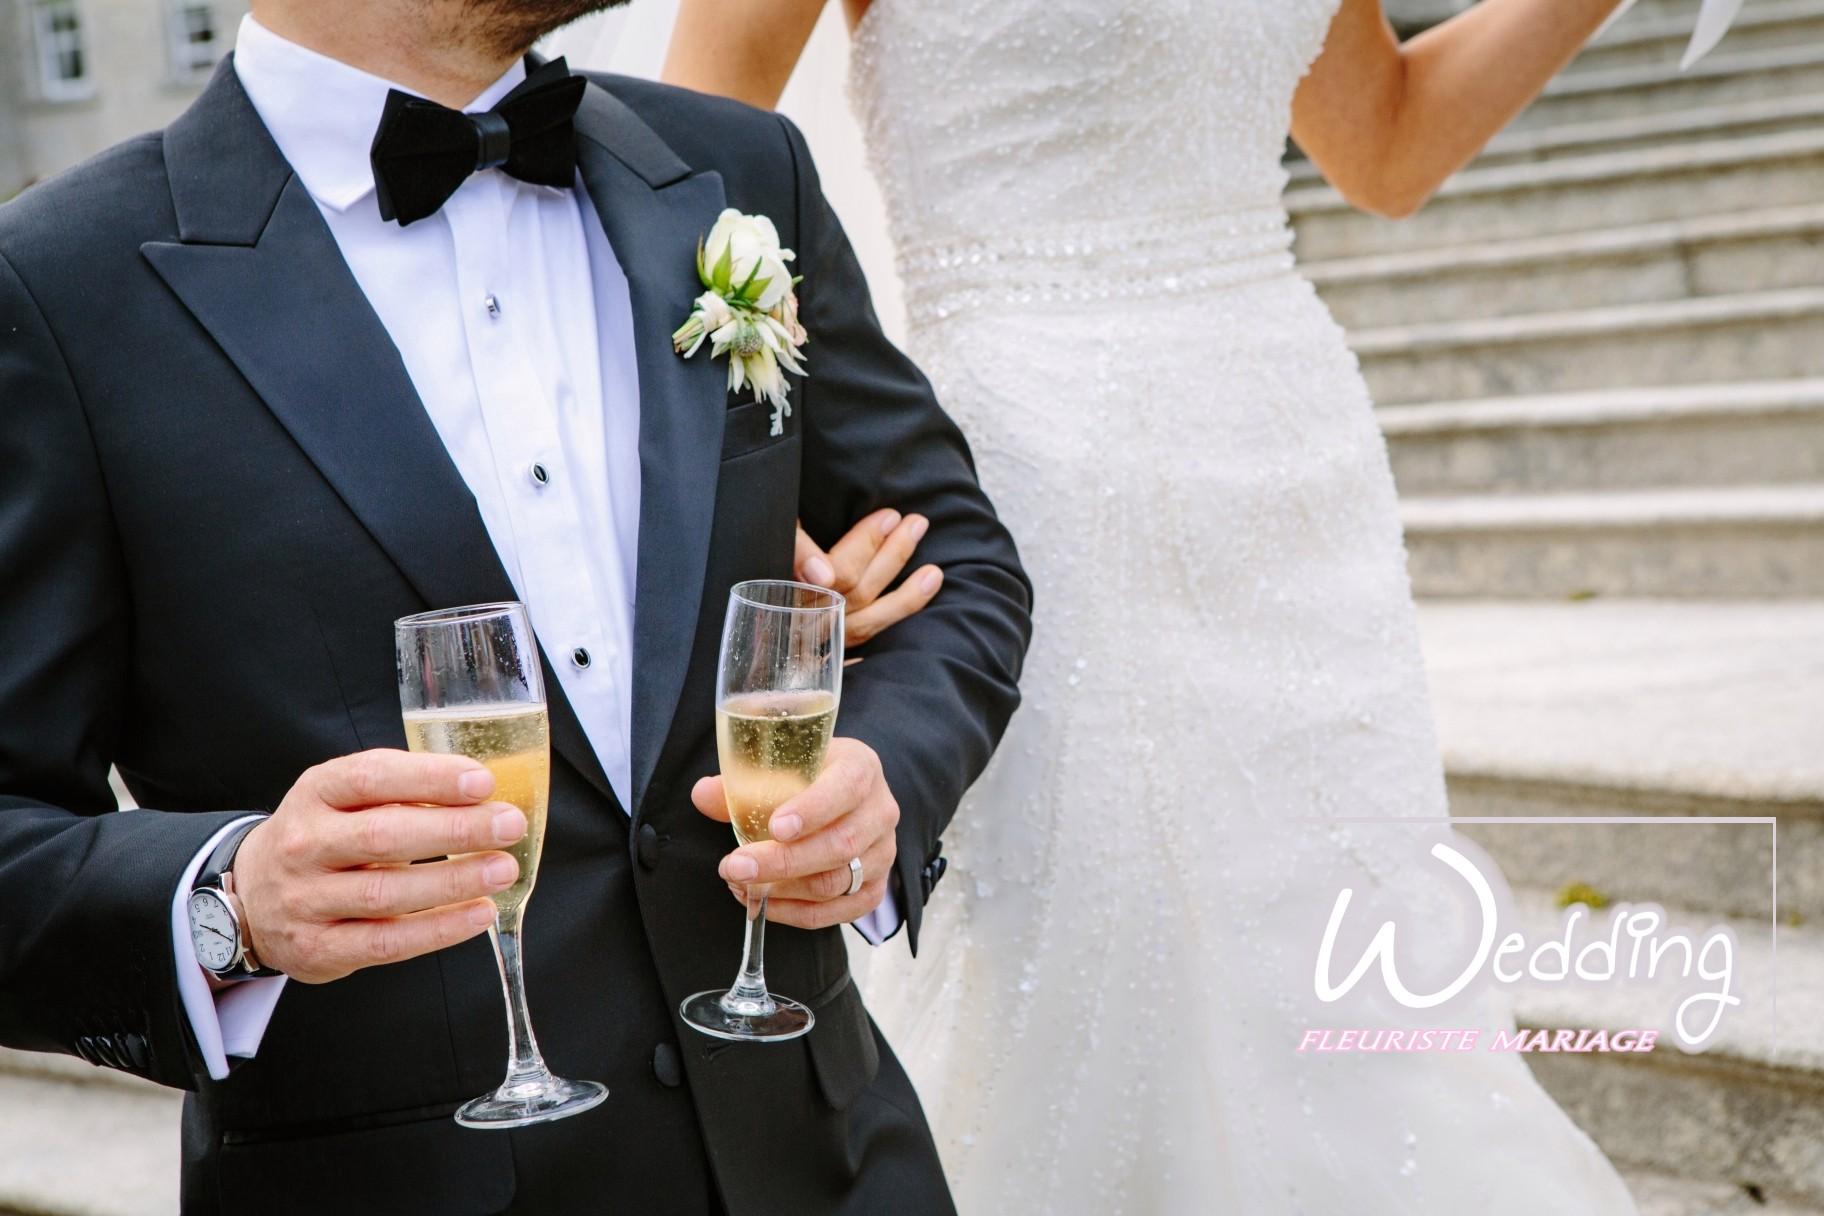 BOUTONNIÈRE DU MARIÉ ROQUEFORT LES PINS - WEDDING FLEURISTE MARIAGE ROQUEFORT LES PINS